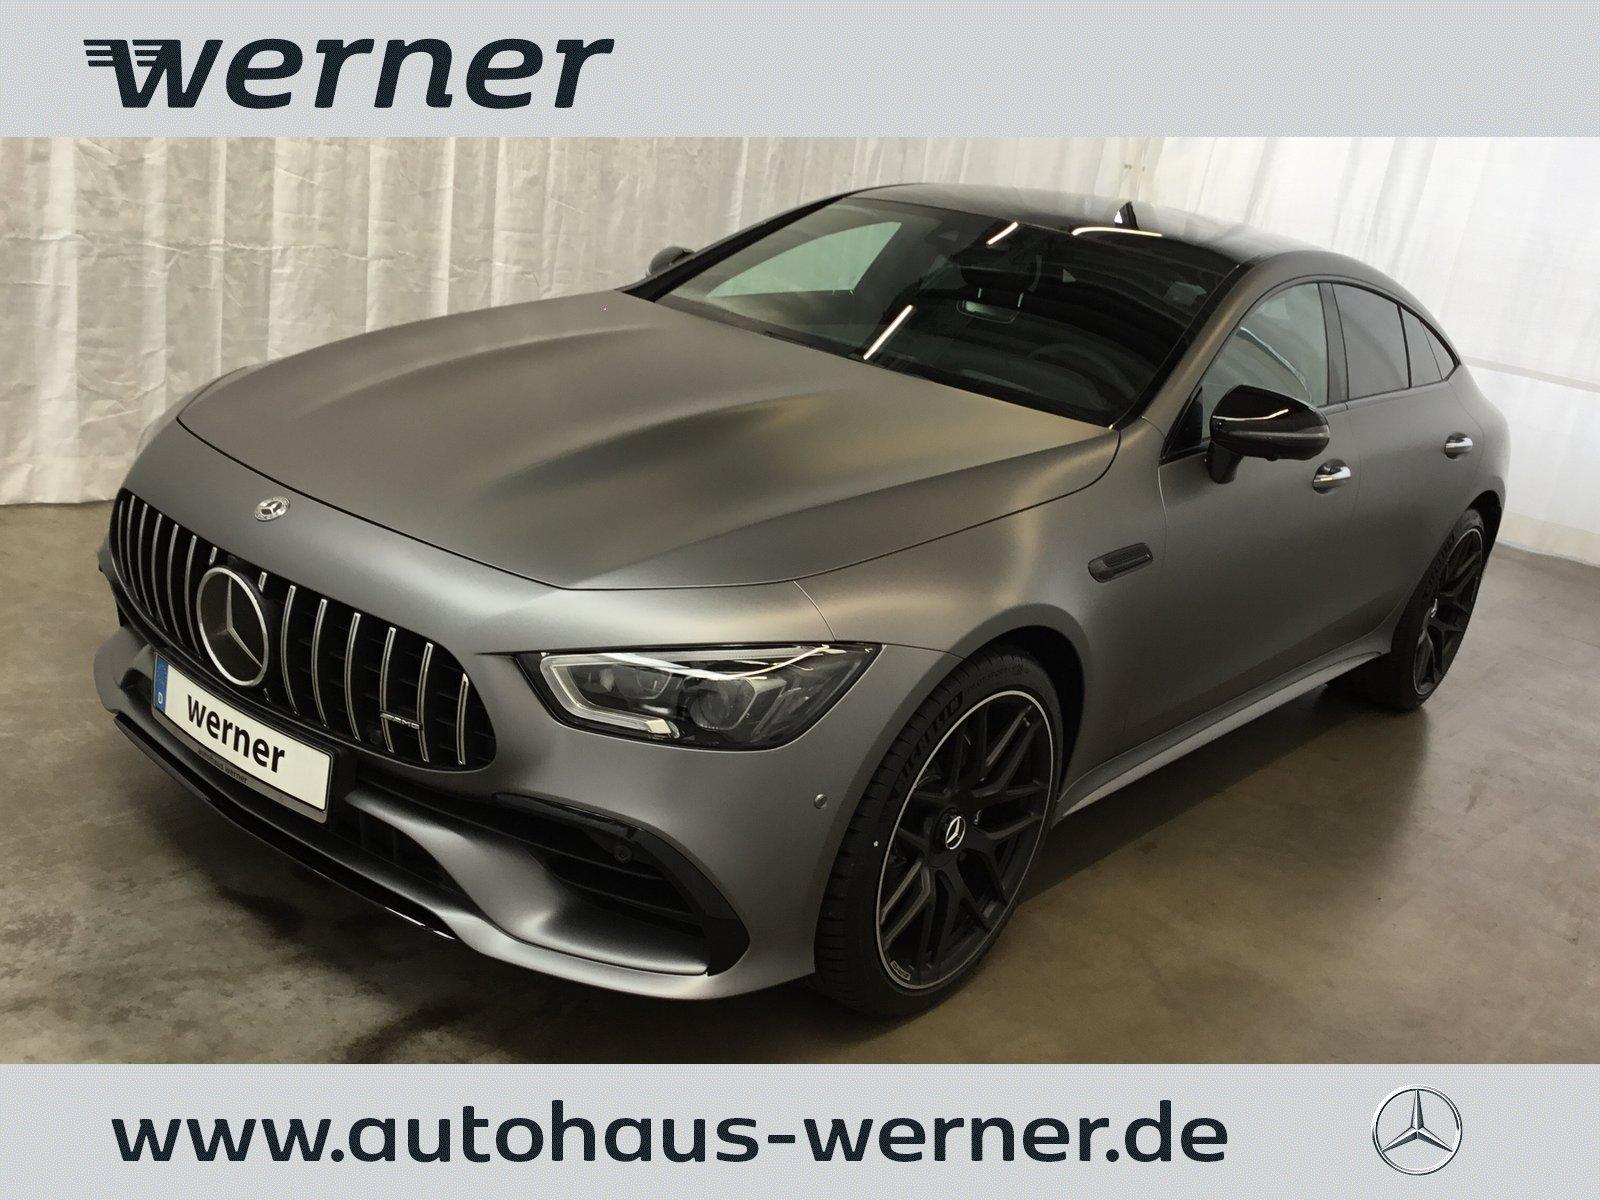 Mercedes-Benz AMG GT 43 4MATIC+ *FOLIERT* *TOP Ausstattung*, Jahr 2019, Benzin